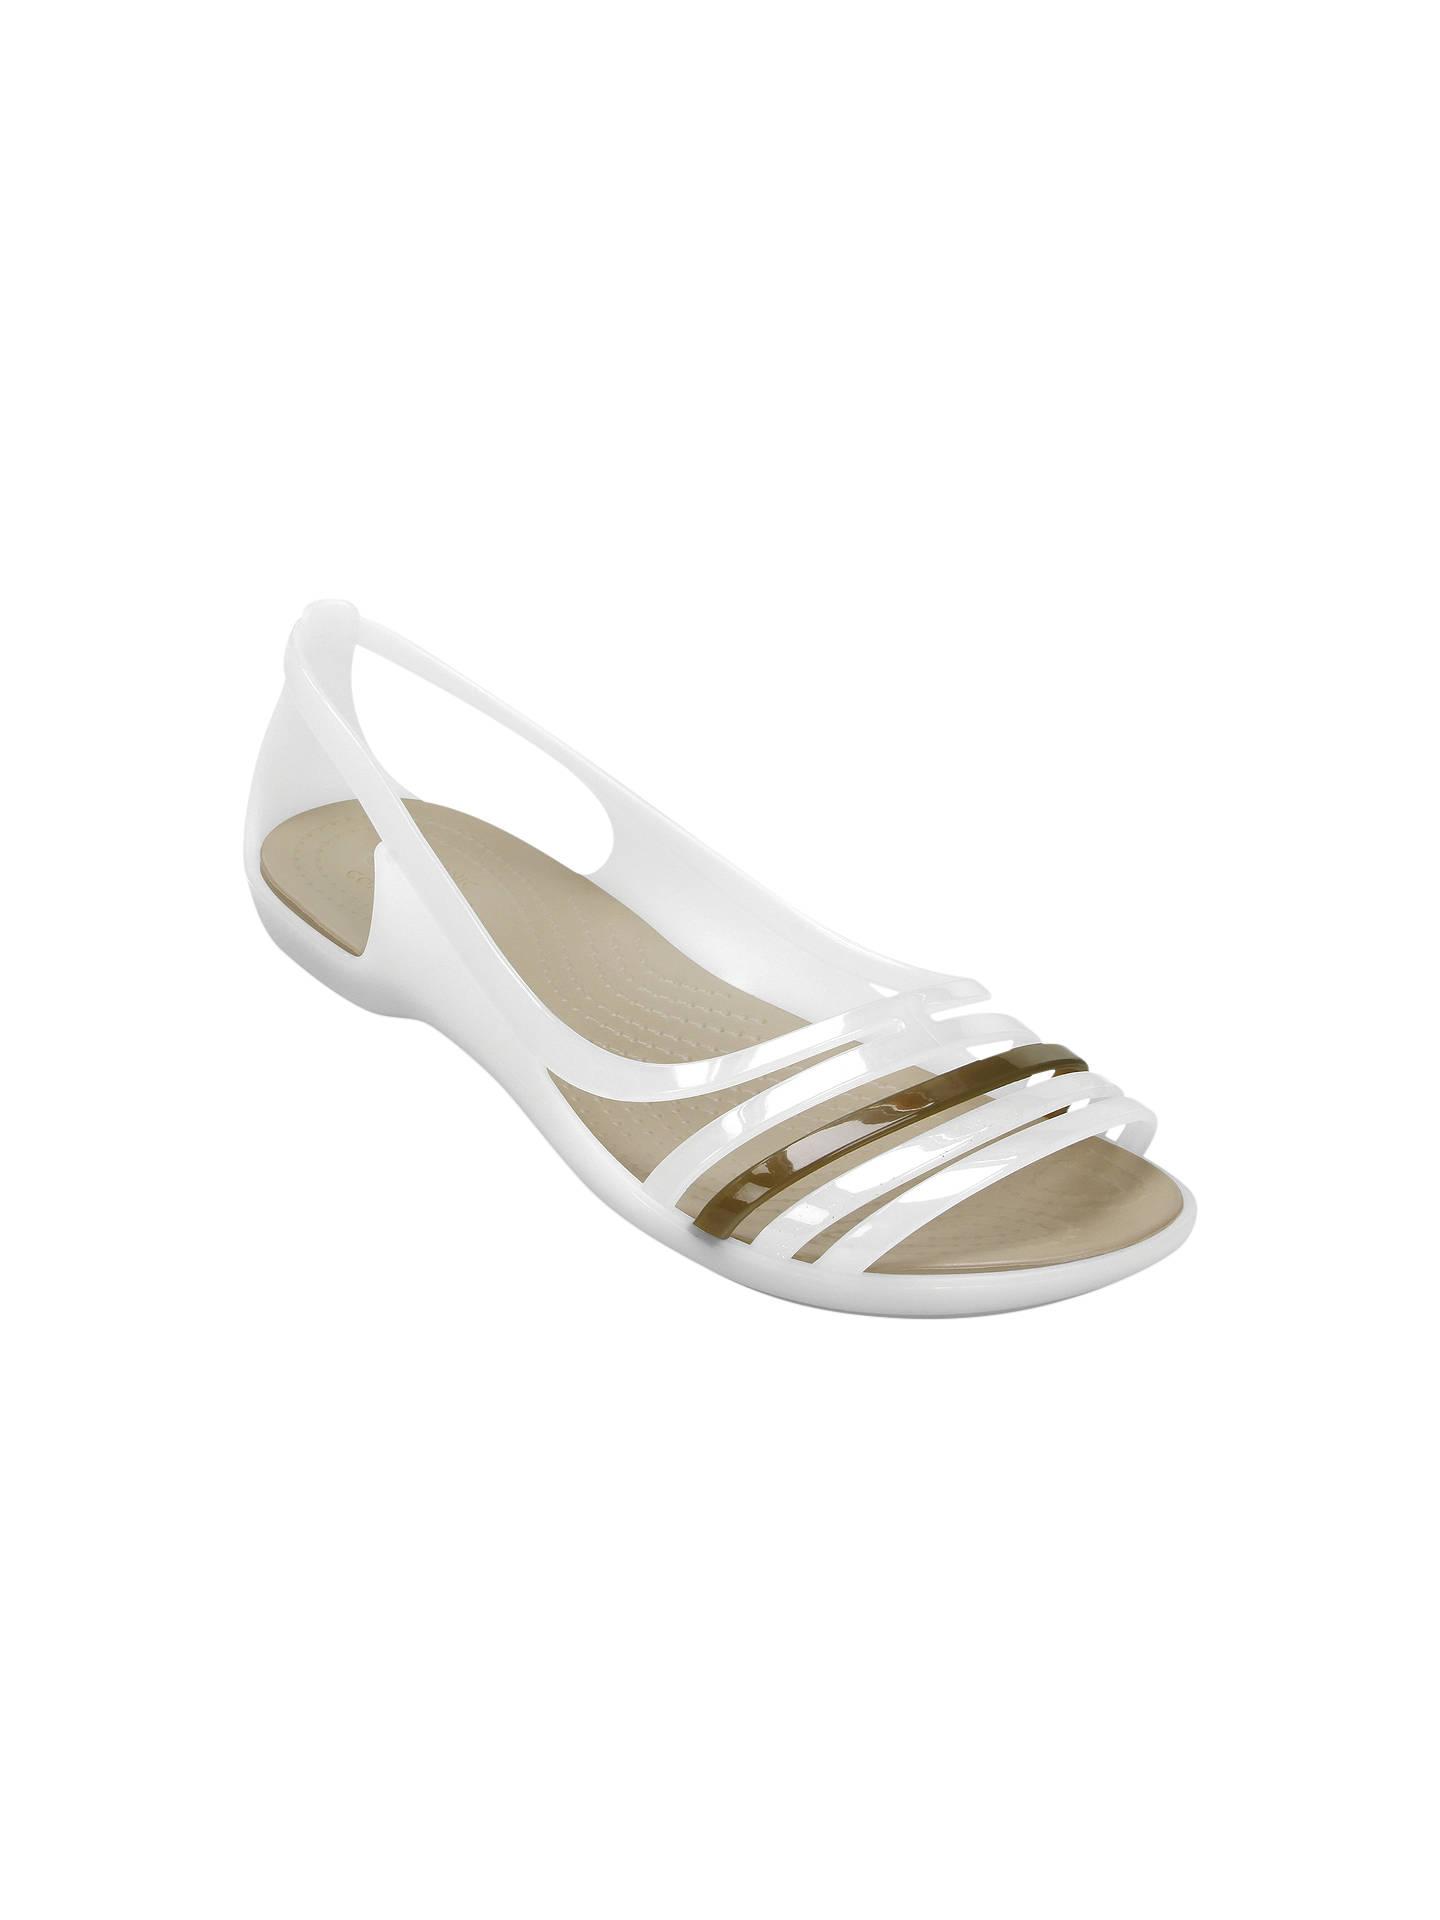 778a699a8ee96 Buy Crocs Isabella Huarache Sandals